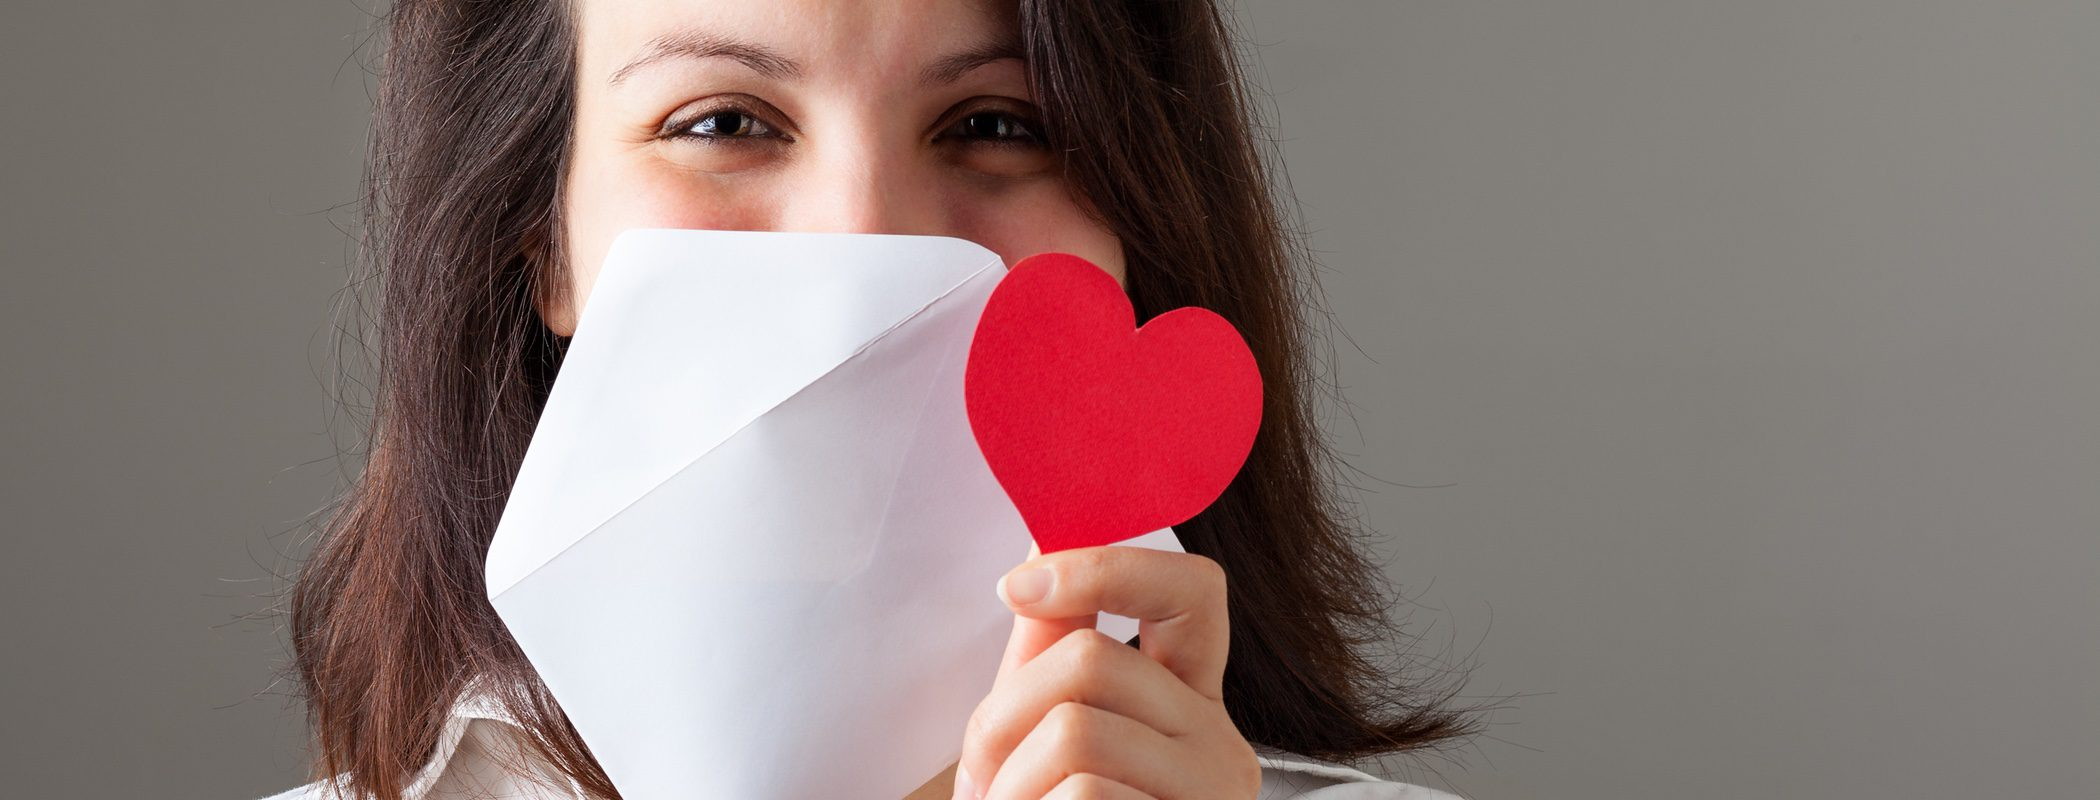 Cartas de amor para tu novio: emociónale con frases de amor